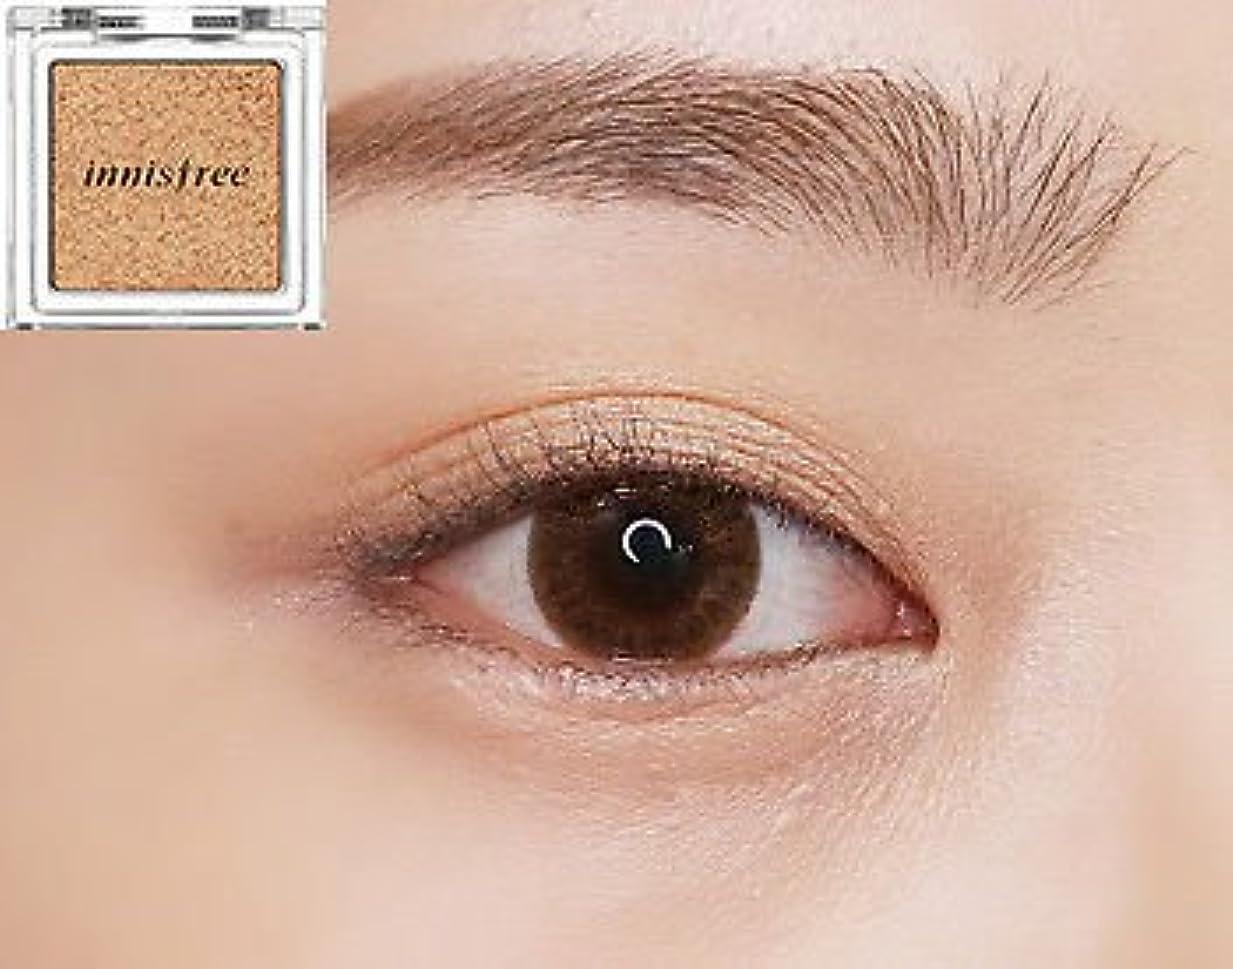 処理する必須露出度の高い[イニスフリー] innisfree [マイ パレット マイ アイシャドウ (グリッタ一) 25カラー] MY PALETTE My Eyeshadow (Glitter) 25 Shades [海外直送品] (グリッタ...